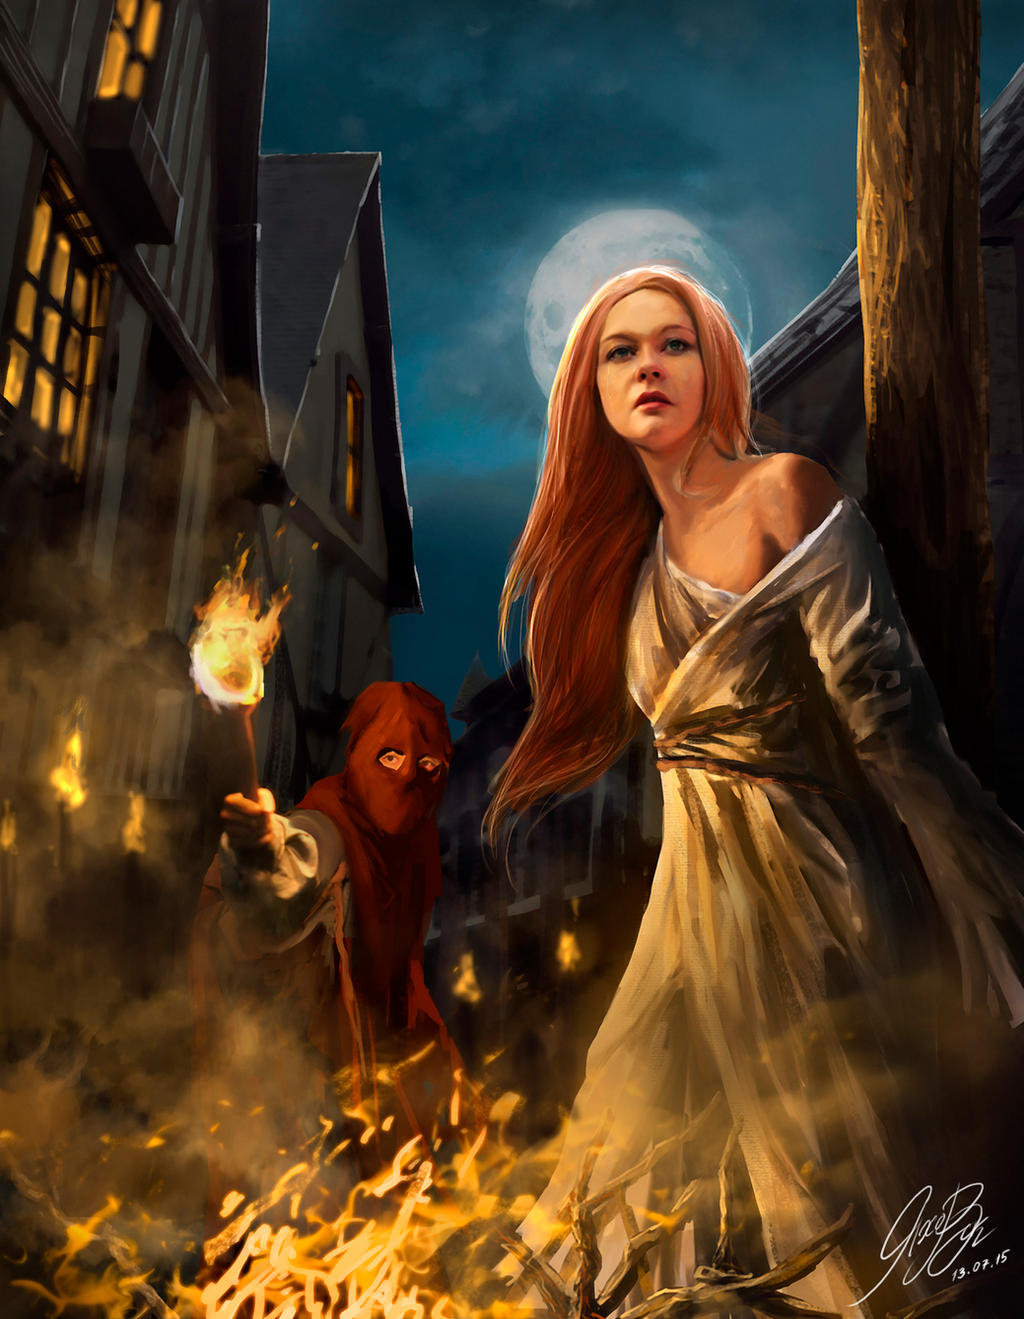 Итак, сразу следует оговориться, что ведьма - это не символ зла, как может сначала показаться.